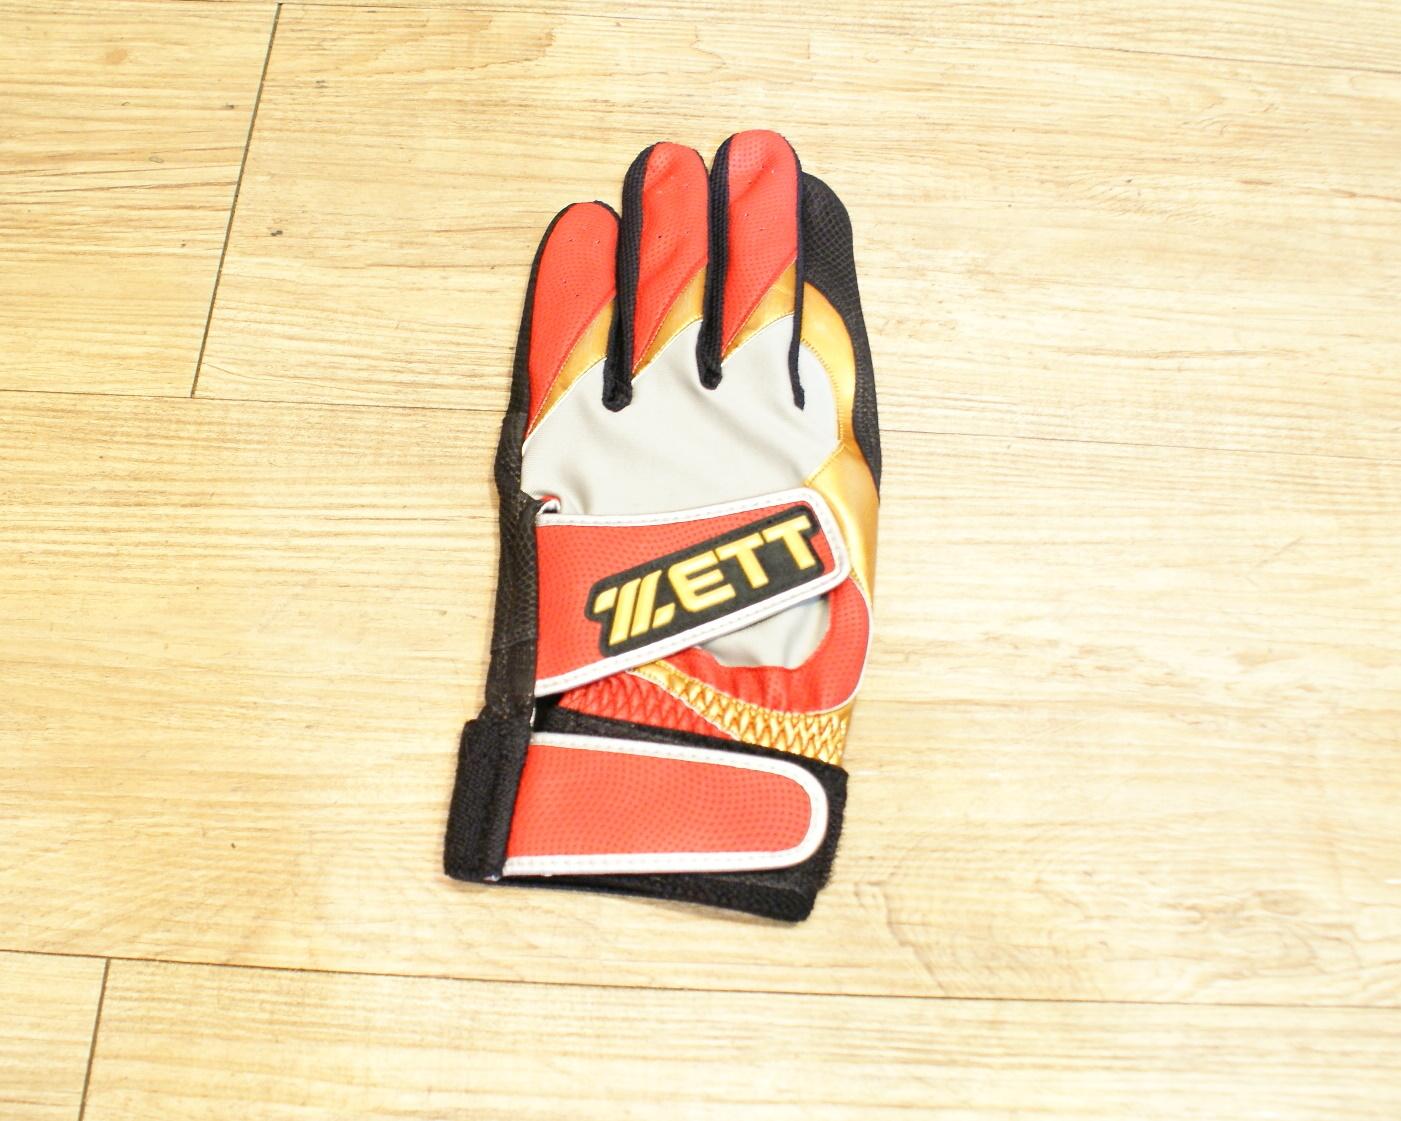 棒球世界 14年ZETT 進口山羊皮打擊手套 特價 雙魔鬼沾設計 黑紅配色